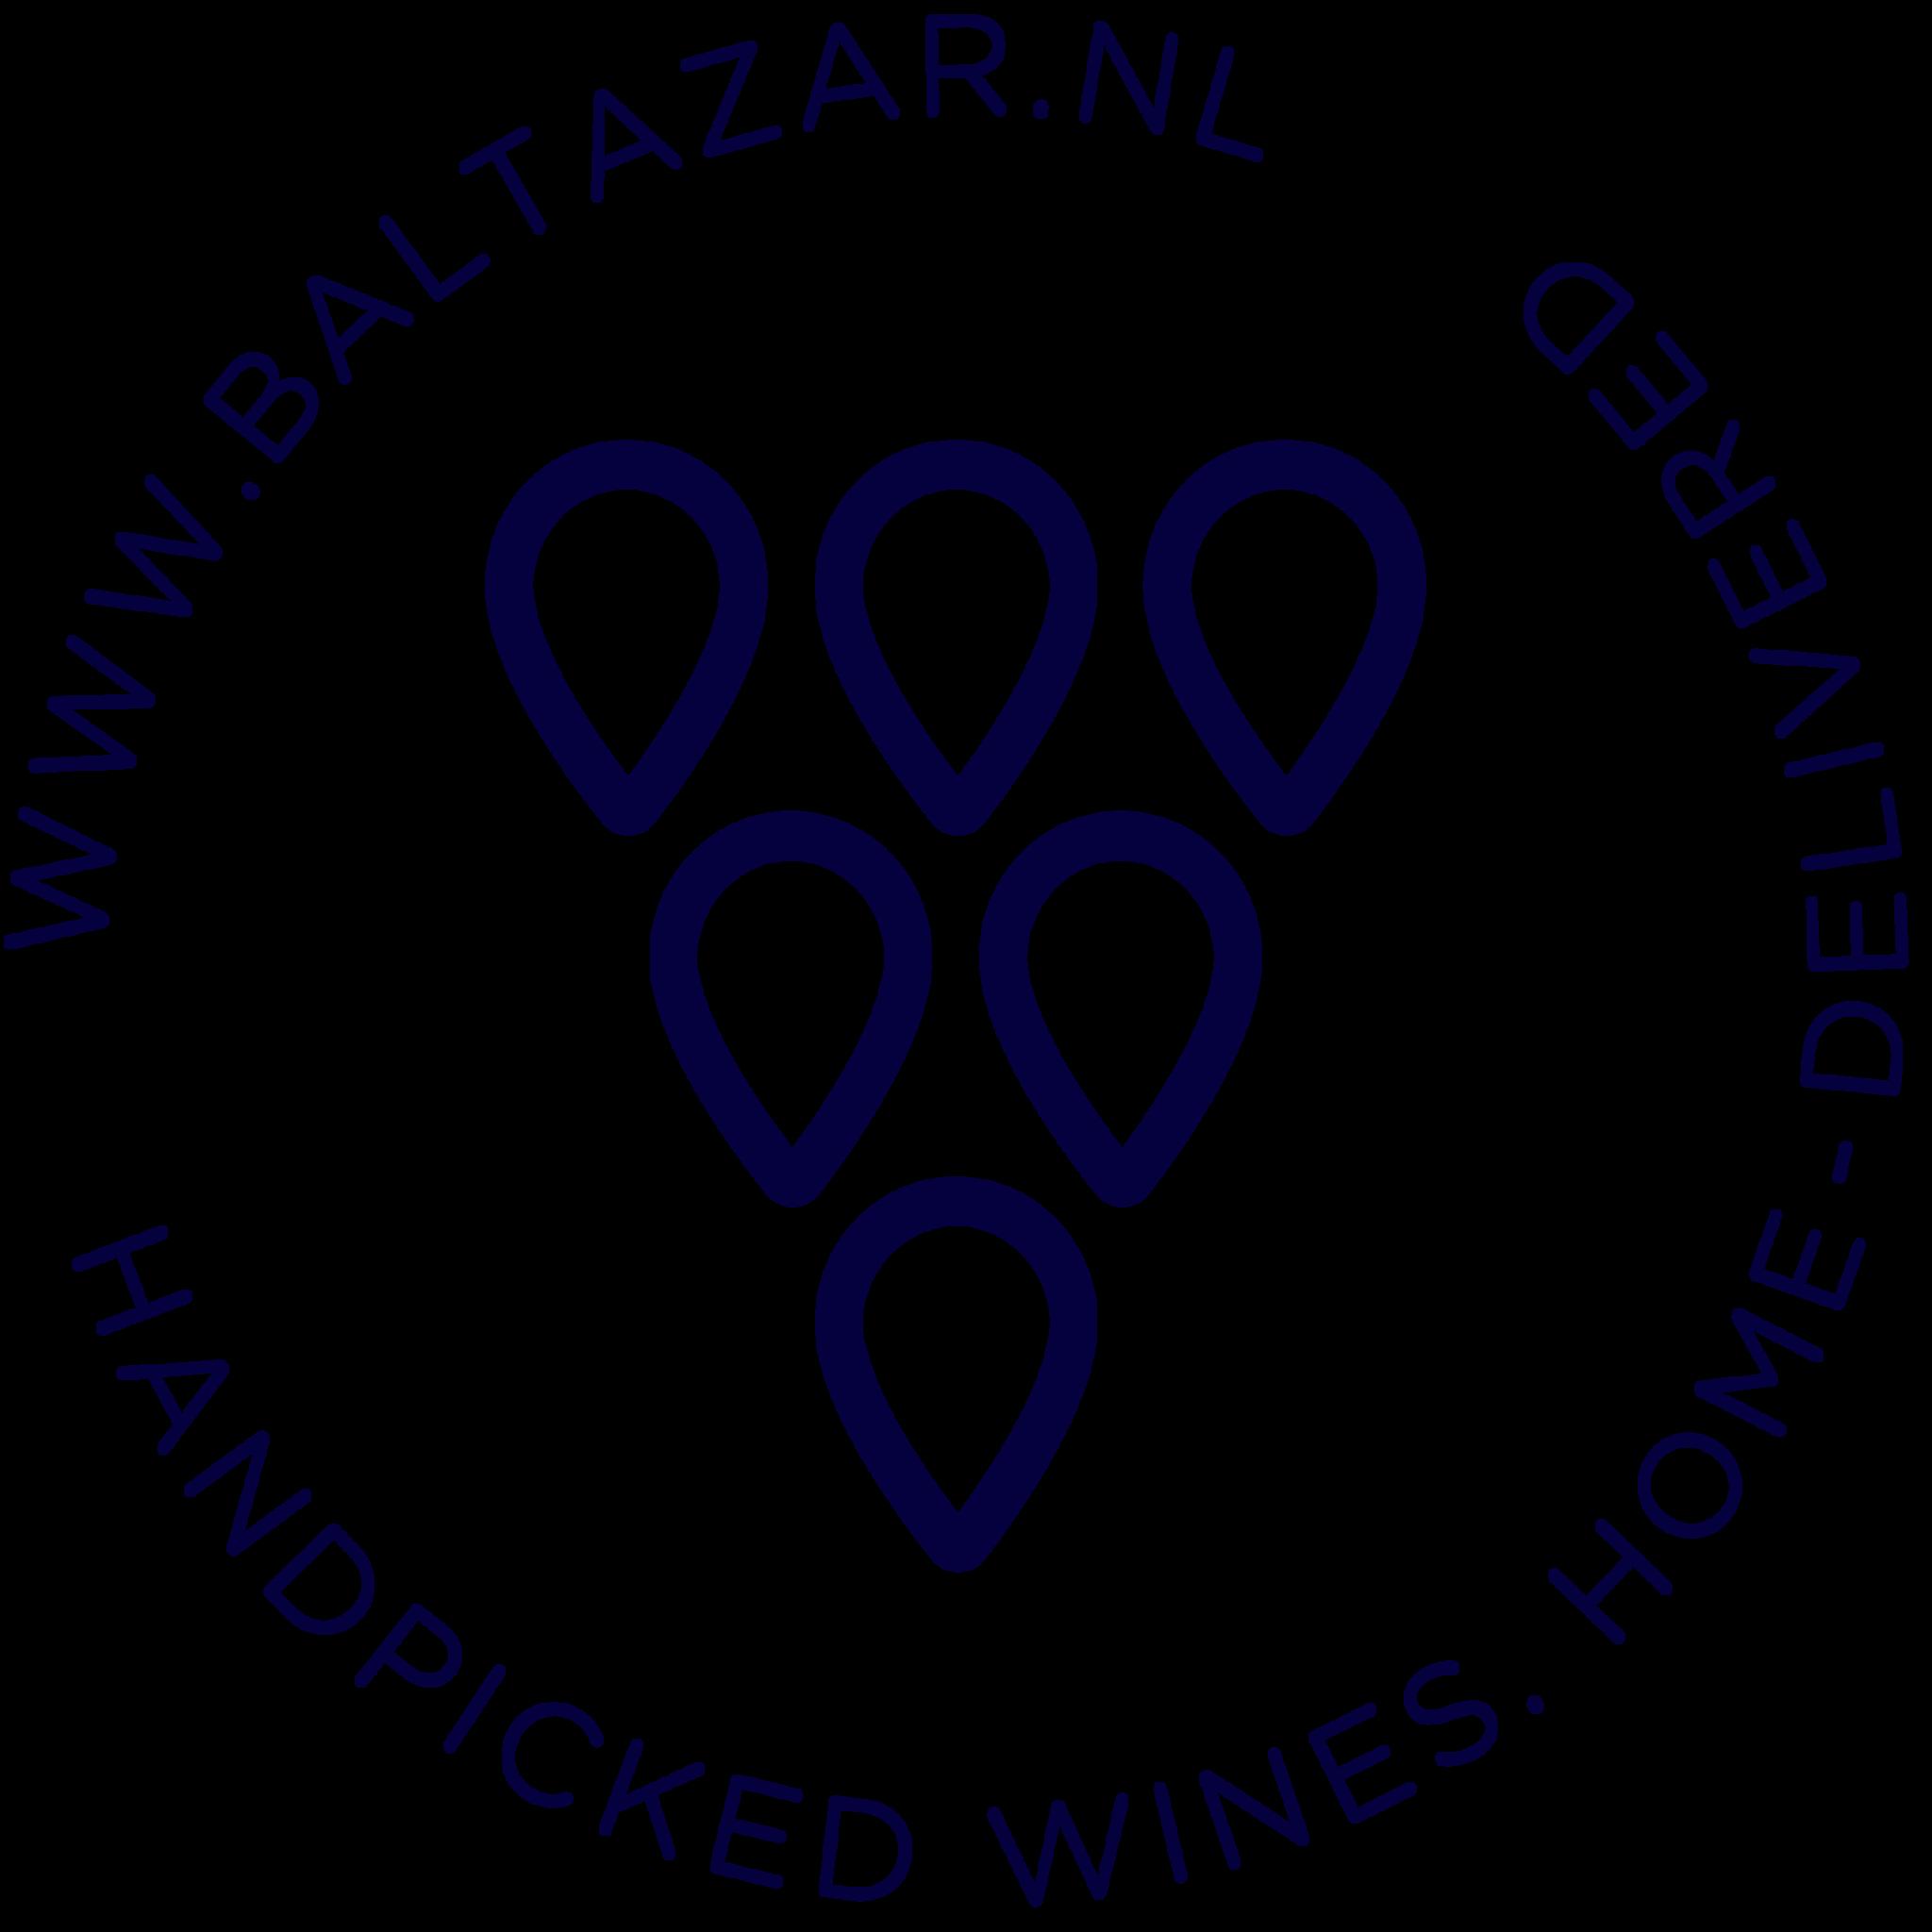 Baltazar wijn wijnabonnement